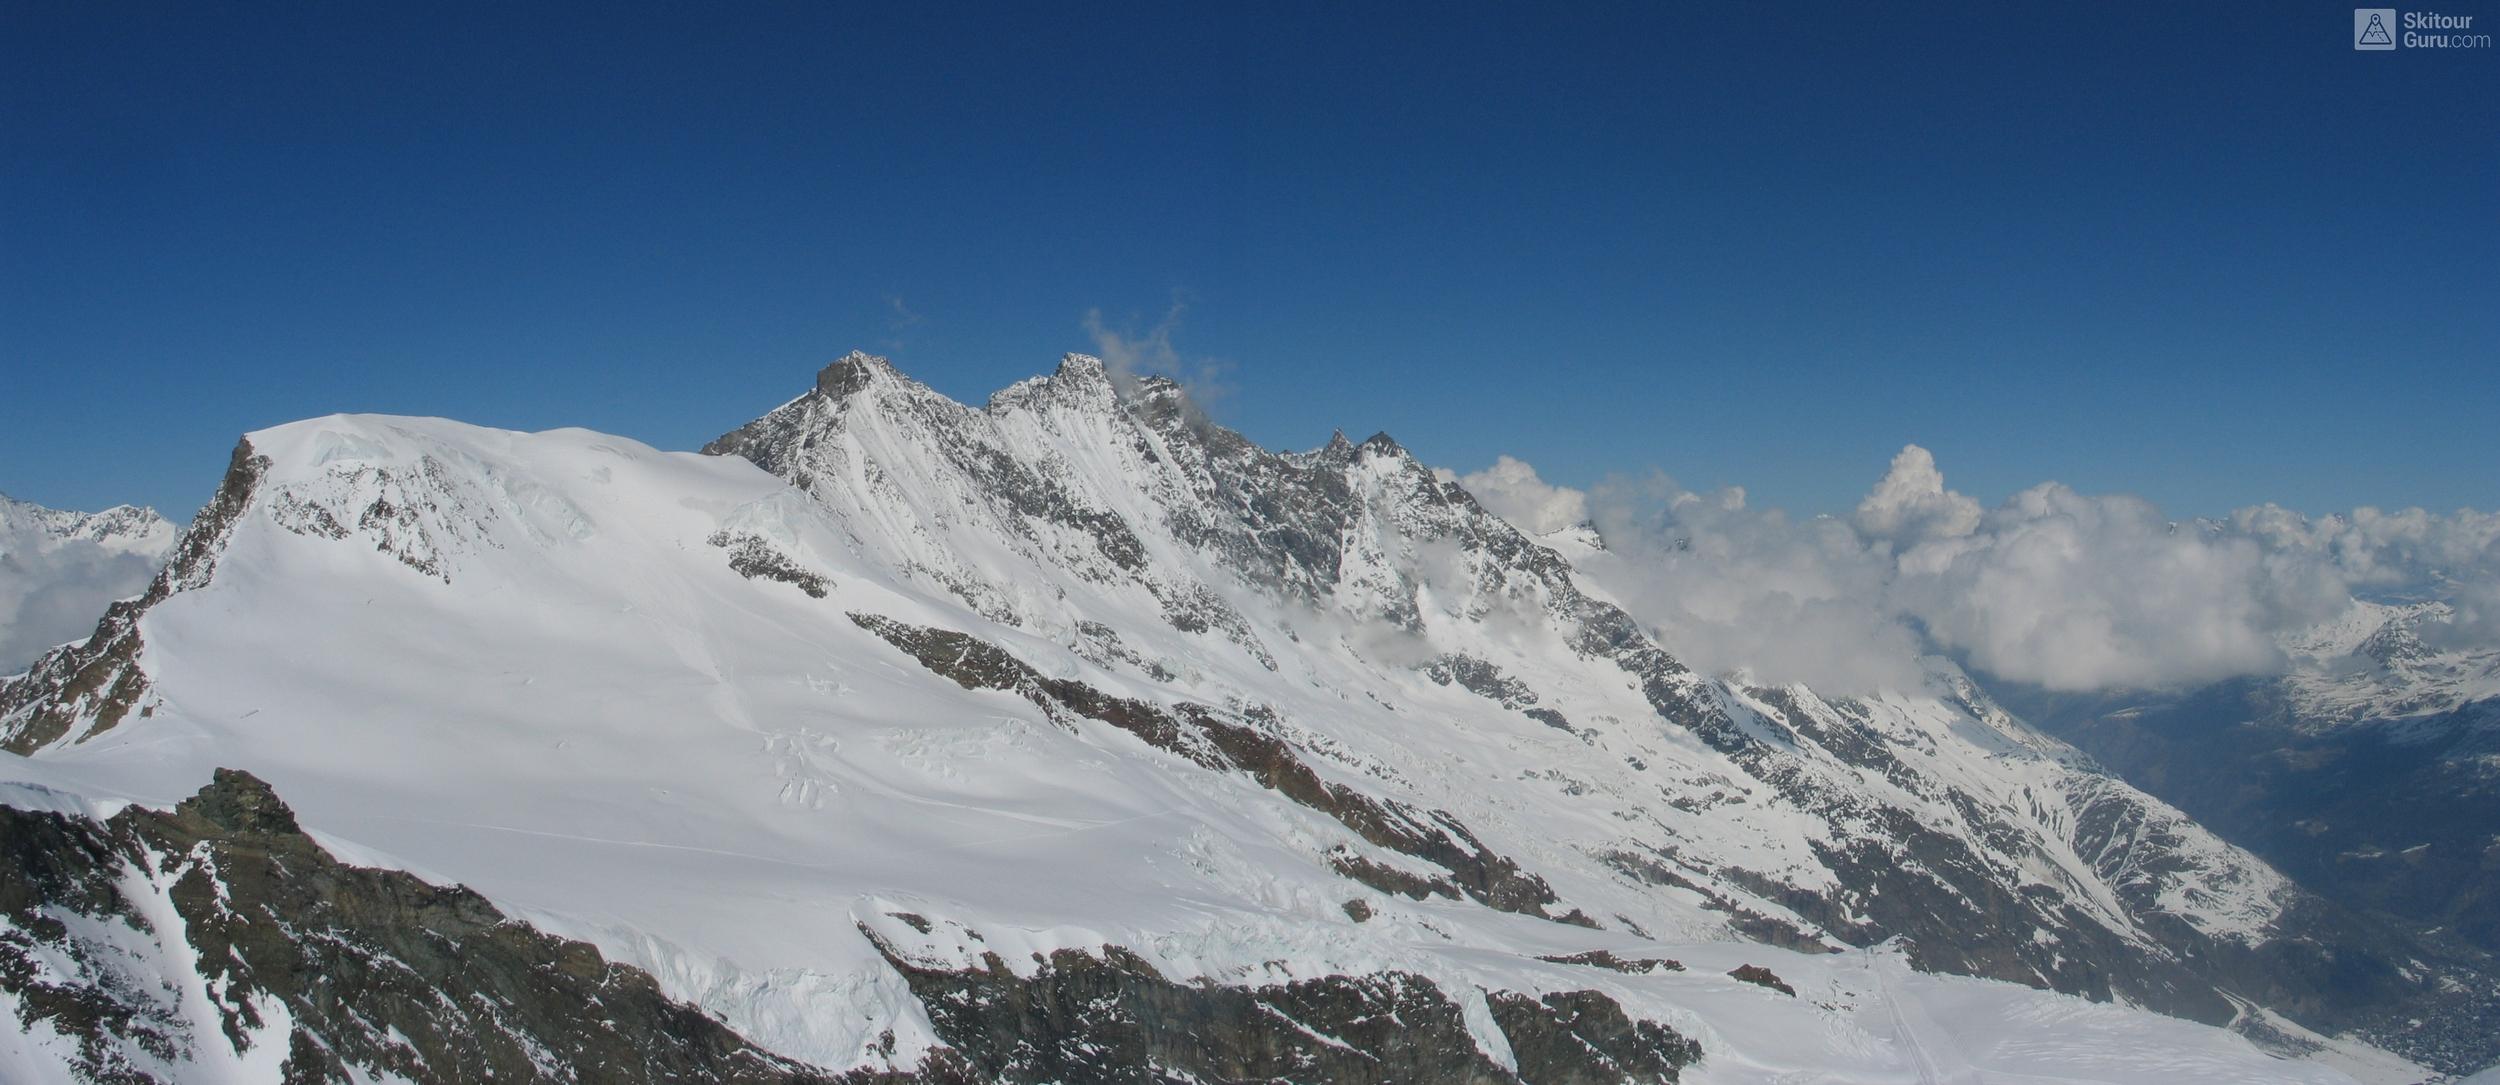 Allalinhorn Walliser Alpen / Alpes valaisannes Switzerland panorama 24